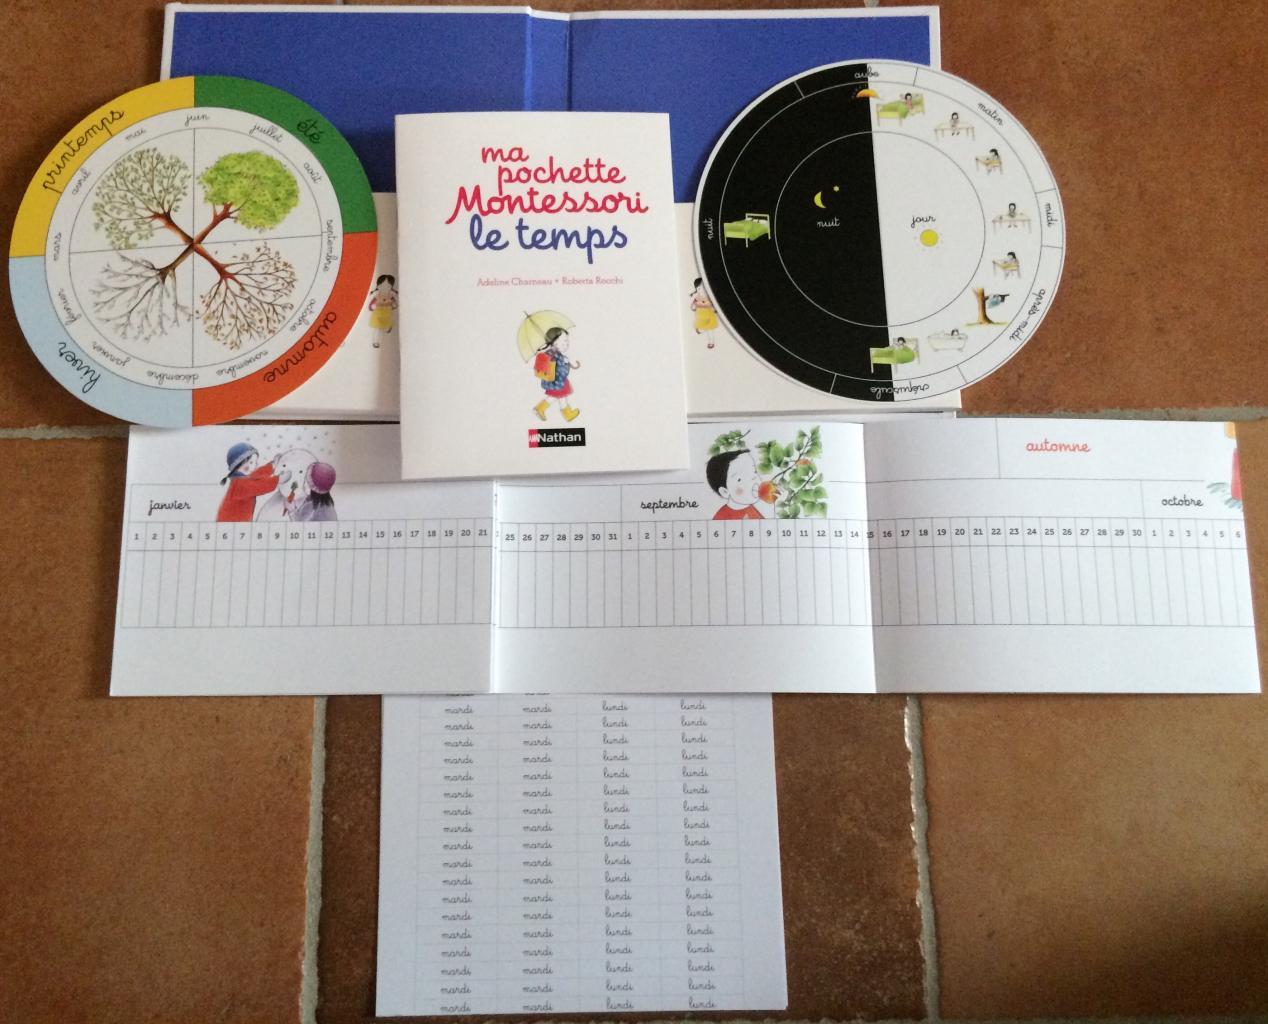 Ma pochette Montessori le temps extrait